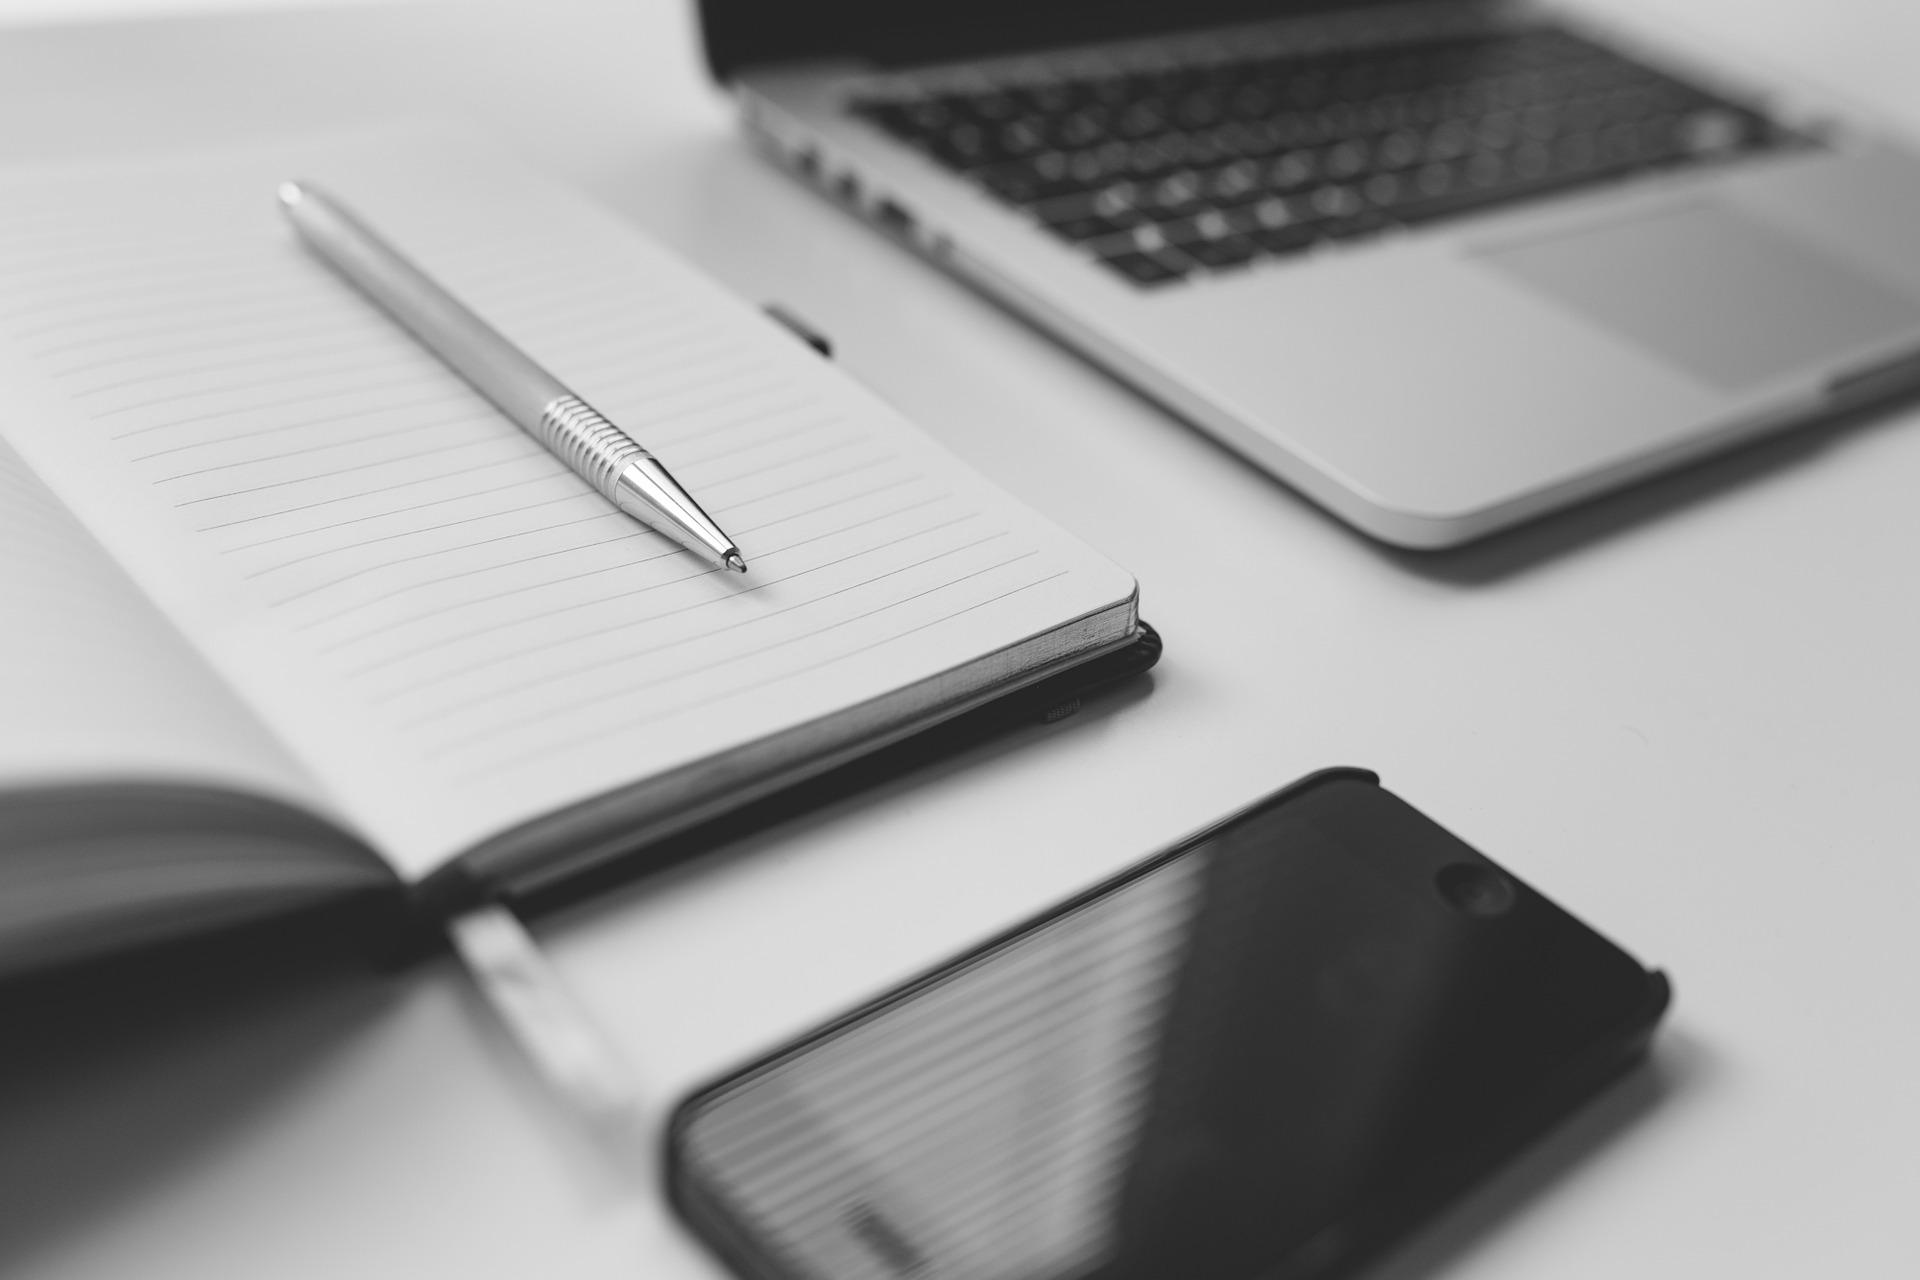 SEOに強いブログ記事を書くためにやるべき3つの準備